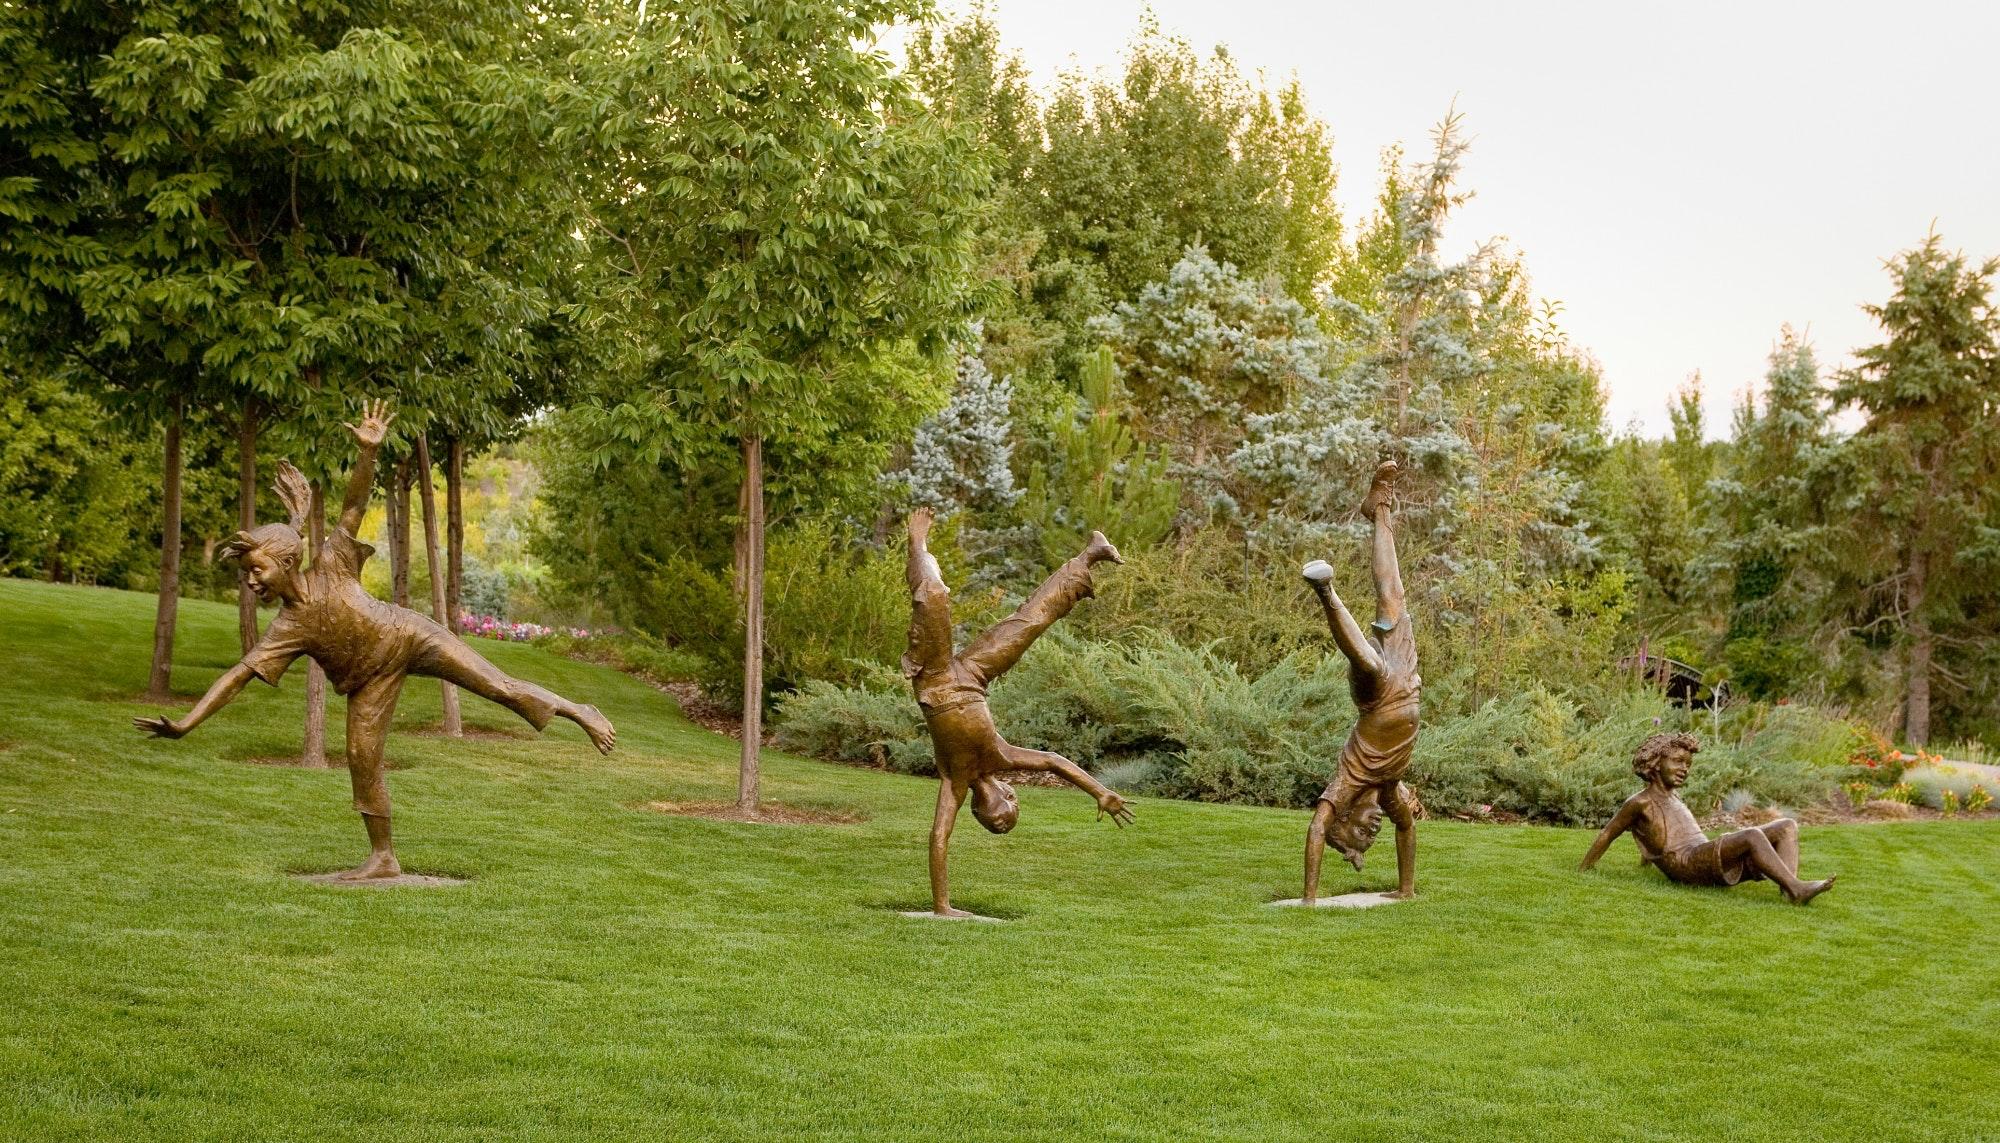 four bronze sculptures depict children cart-wheeling across a green field of grass.